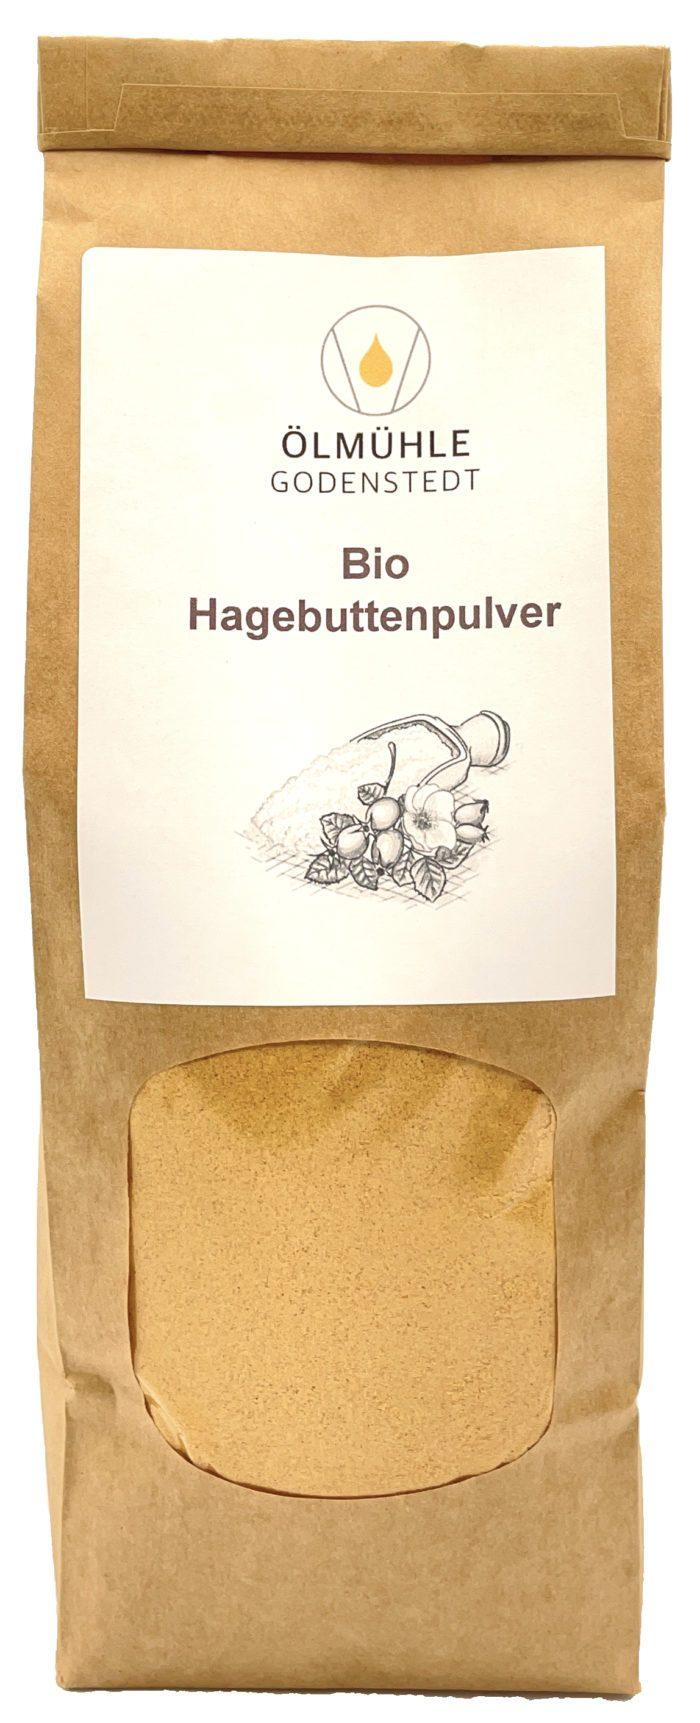 Bio-Hagebuttenpulver von der Ölmühle Godenstedt